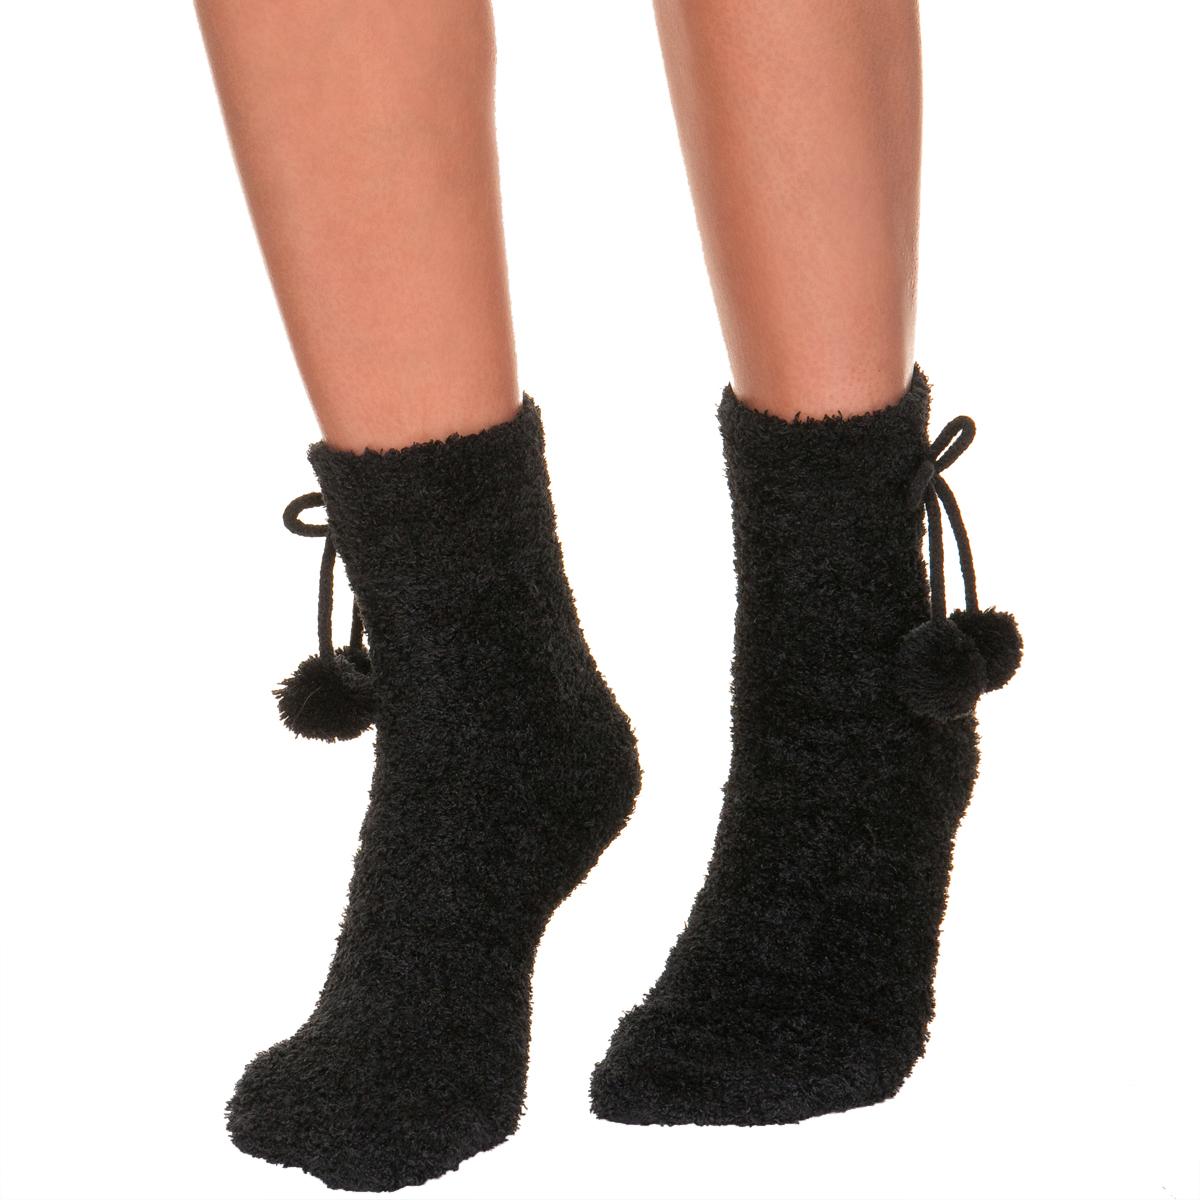 Mi-chaussettes noires Cocoon Femme